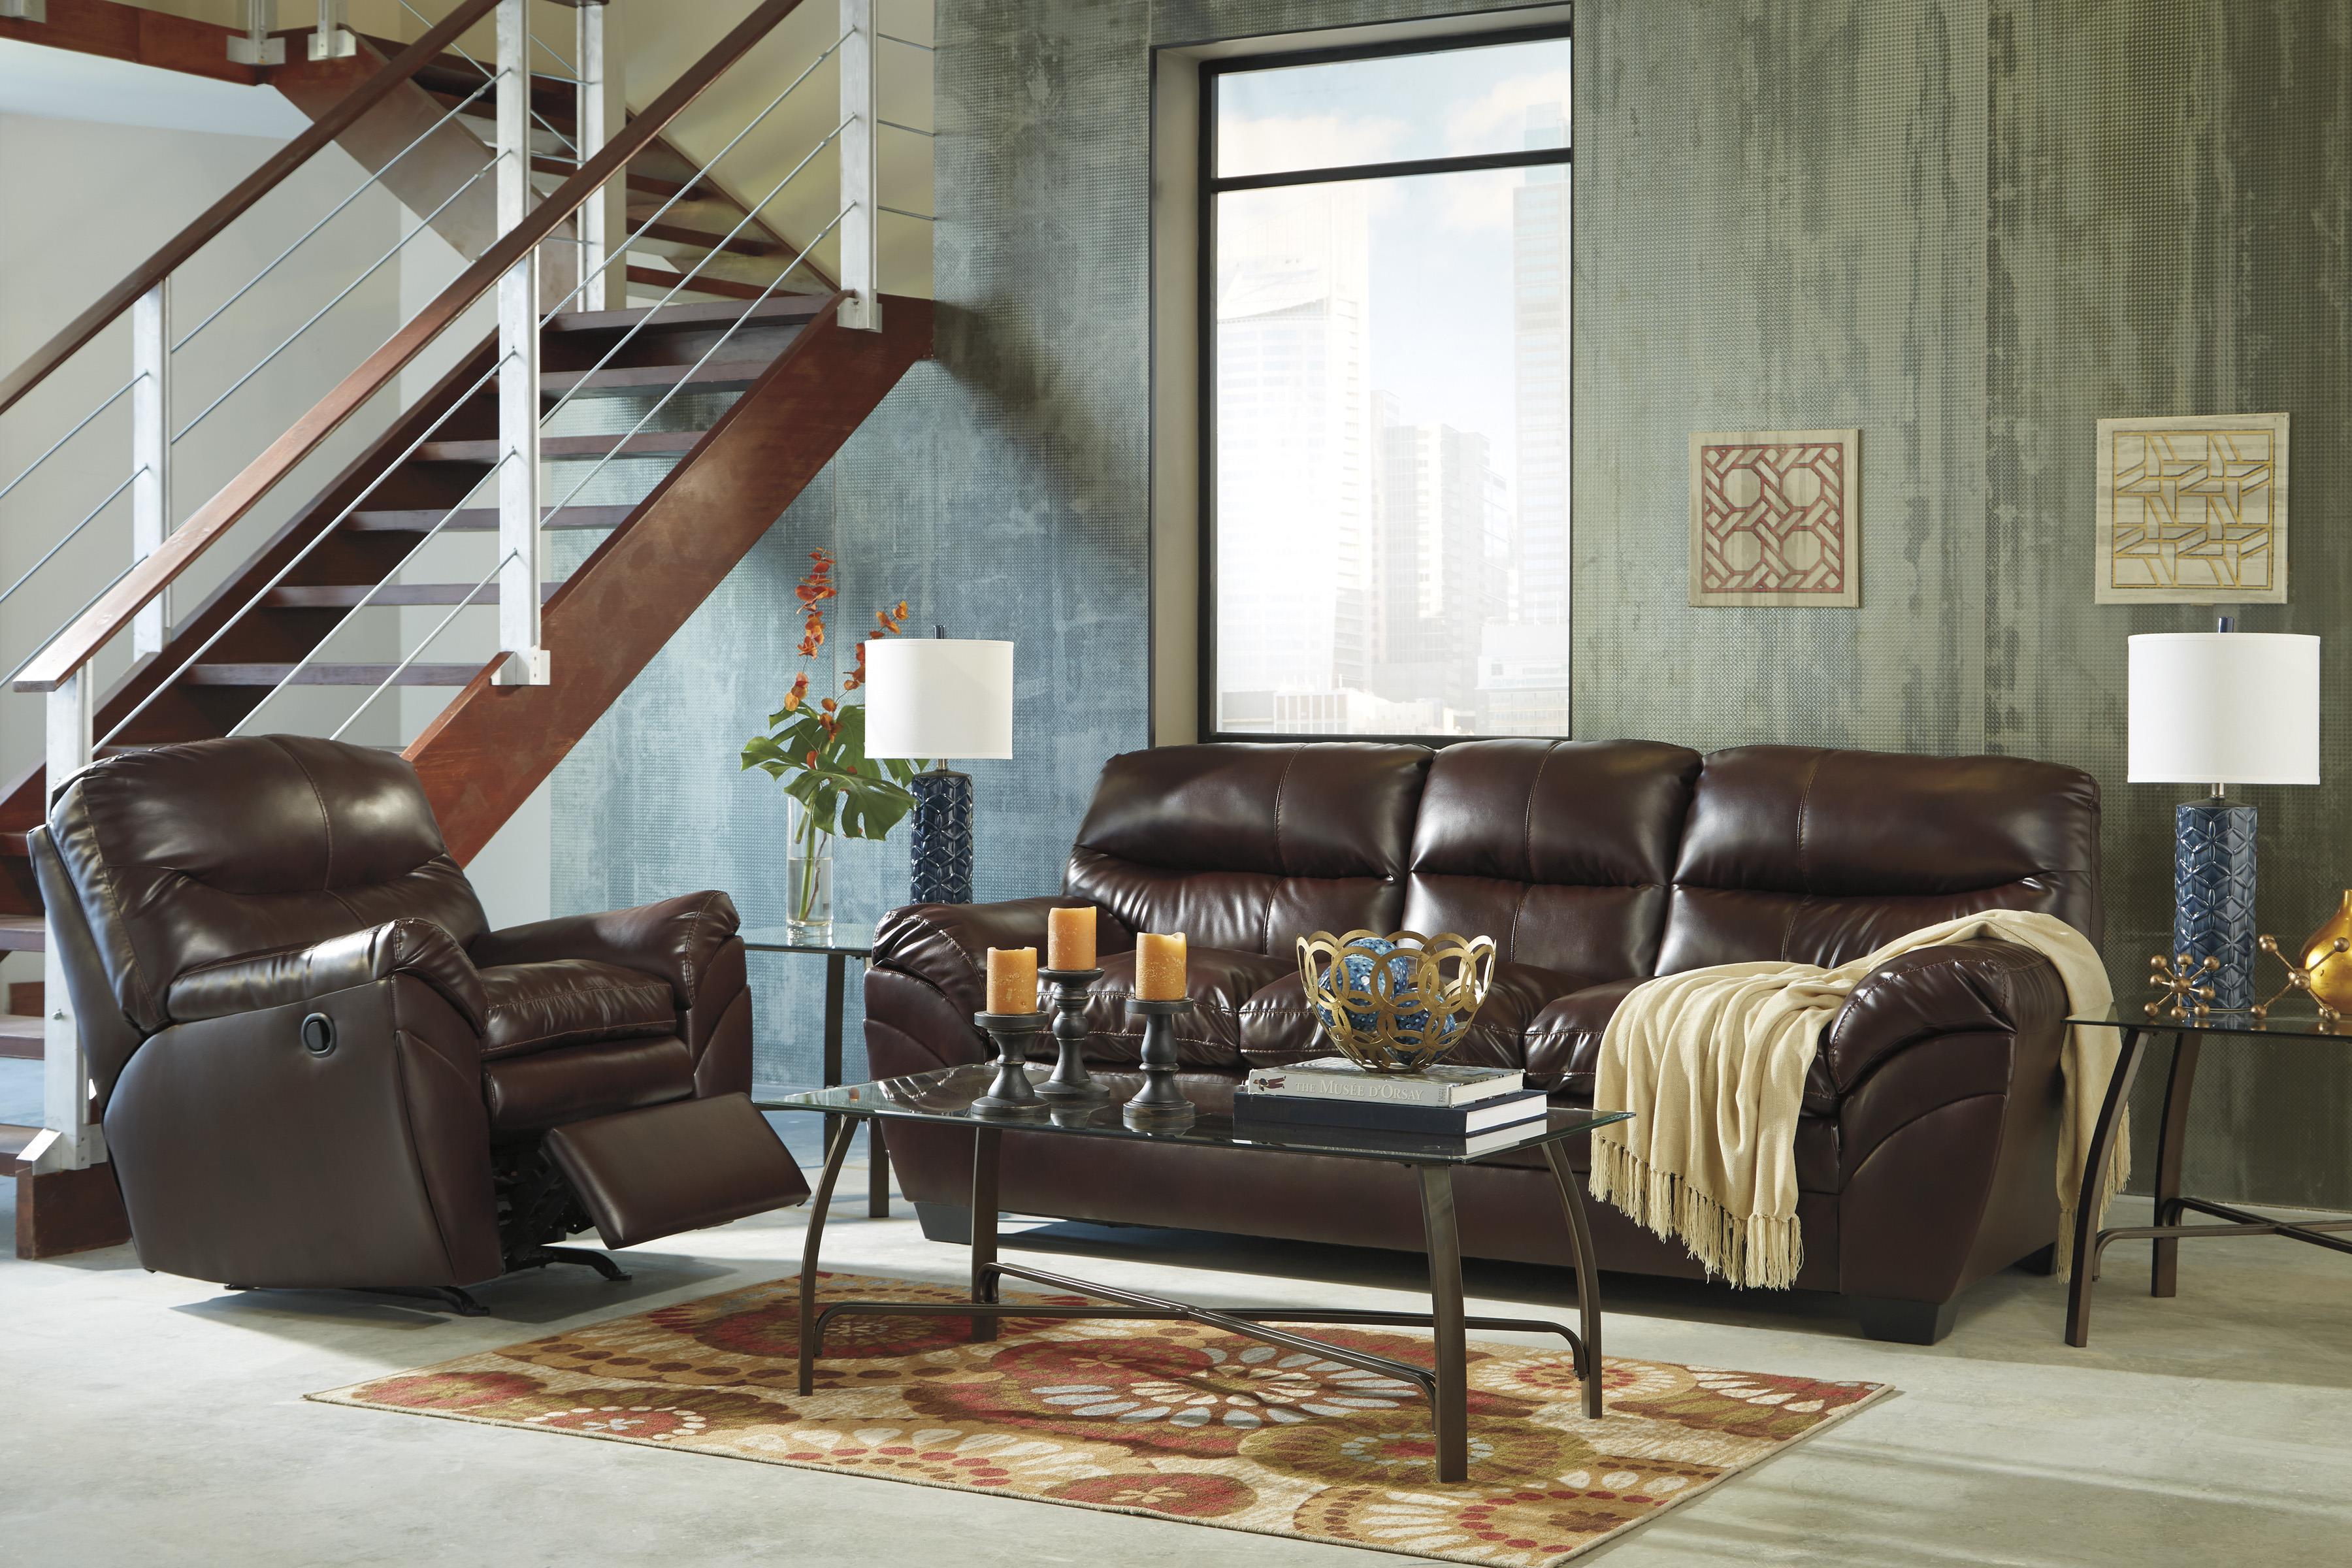 Signature Design by Ashley Tassler DuraBlend® Stationary Living Room Group - Item Number: 46502 Living Room Group 2